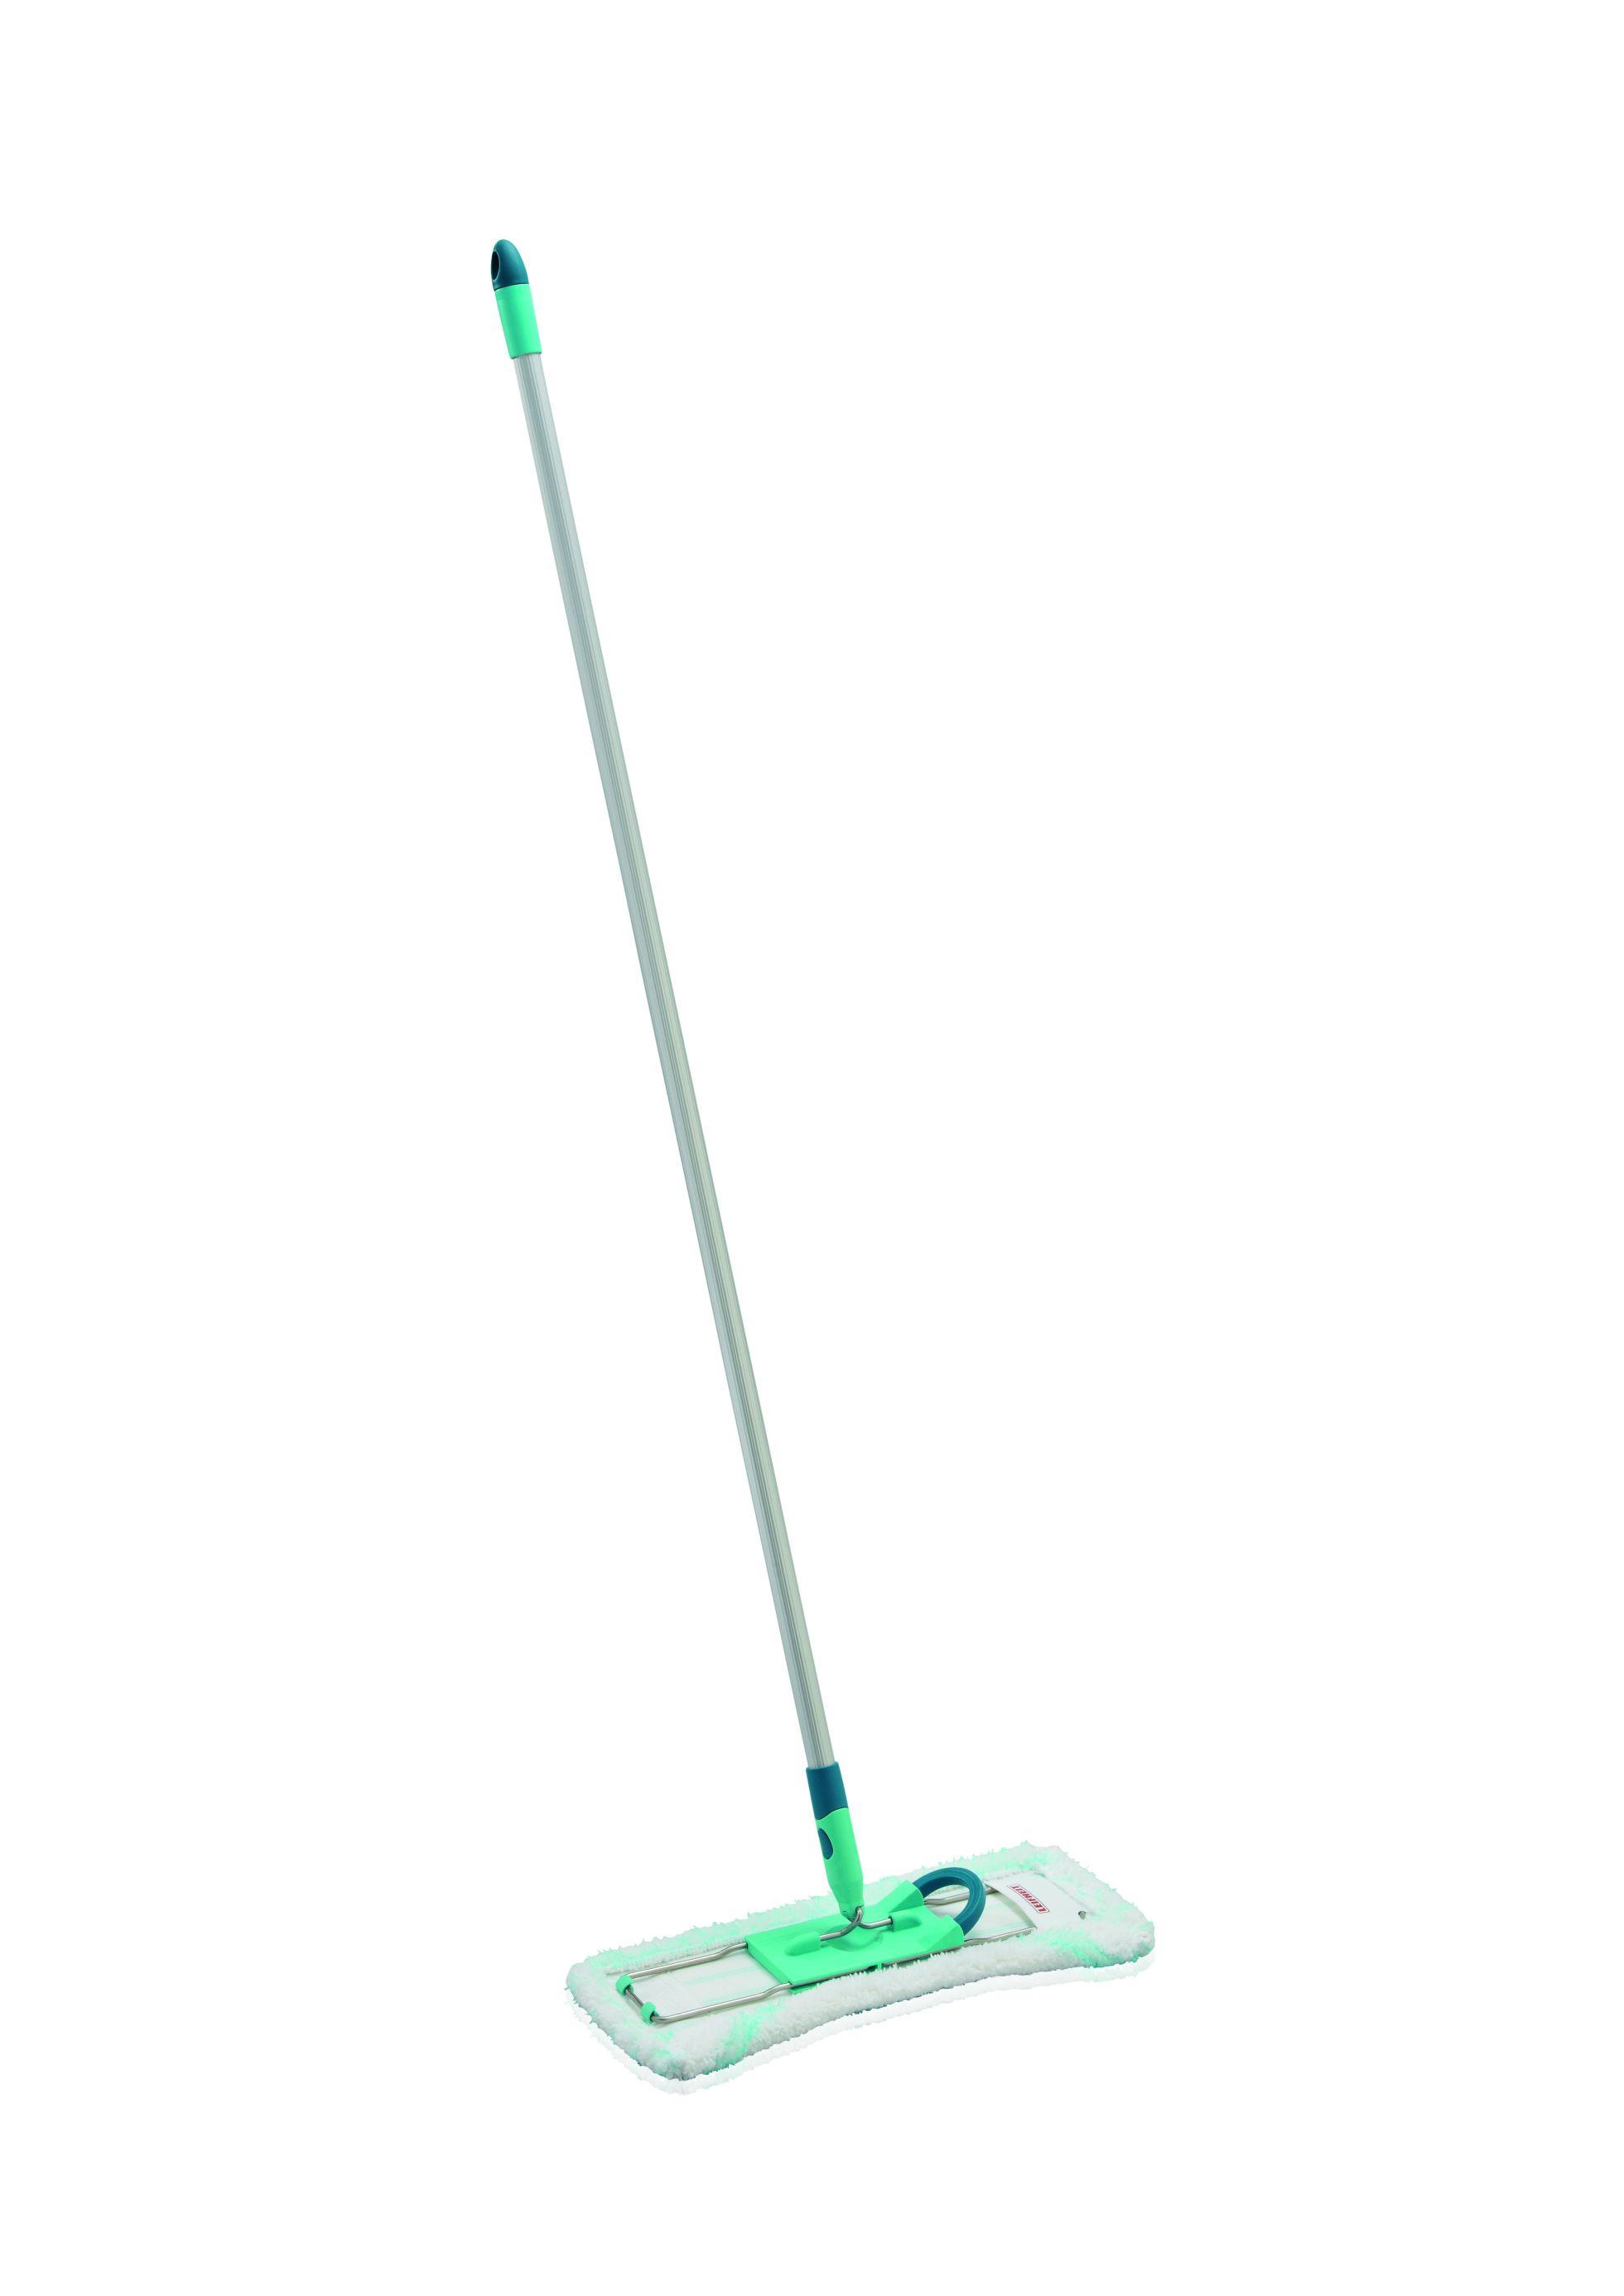 Leifheit PROFI MICRO DUO podlahový mop 55025